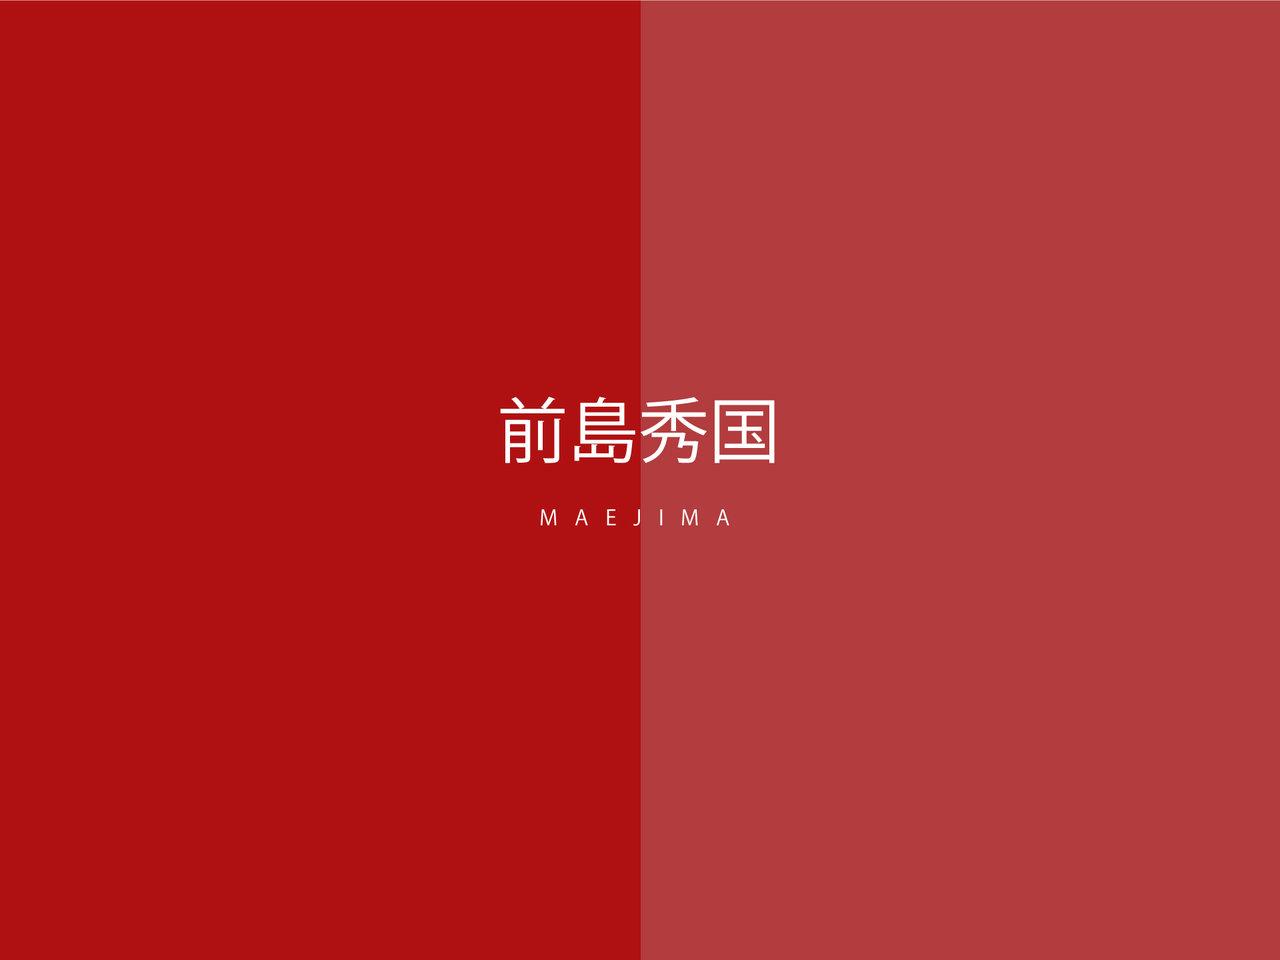 ヴィキングル・オラフソン ピアノ・リサイタル@紀尾井ホール